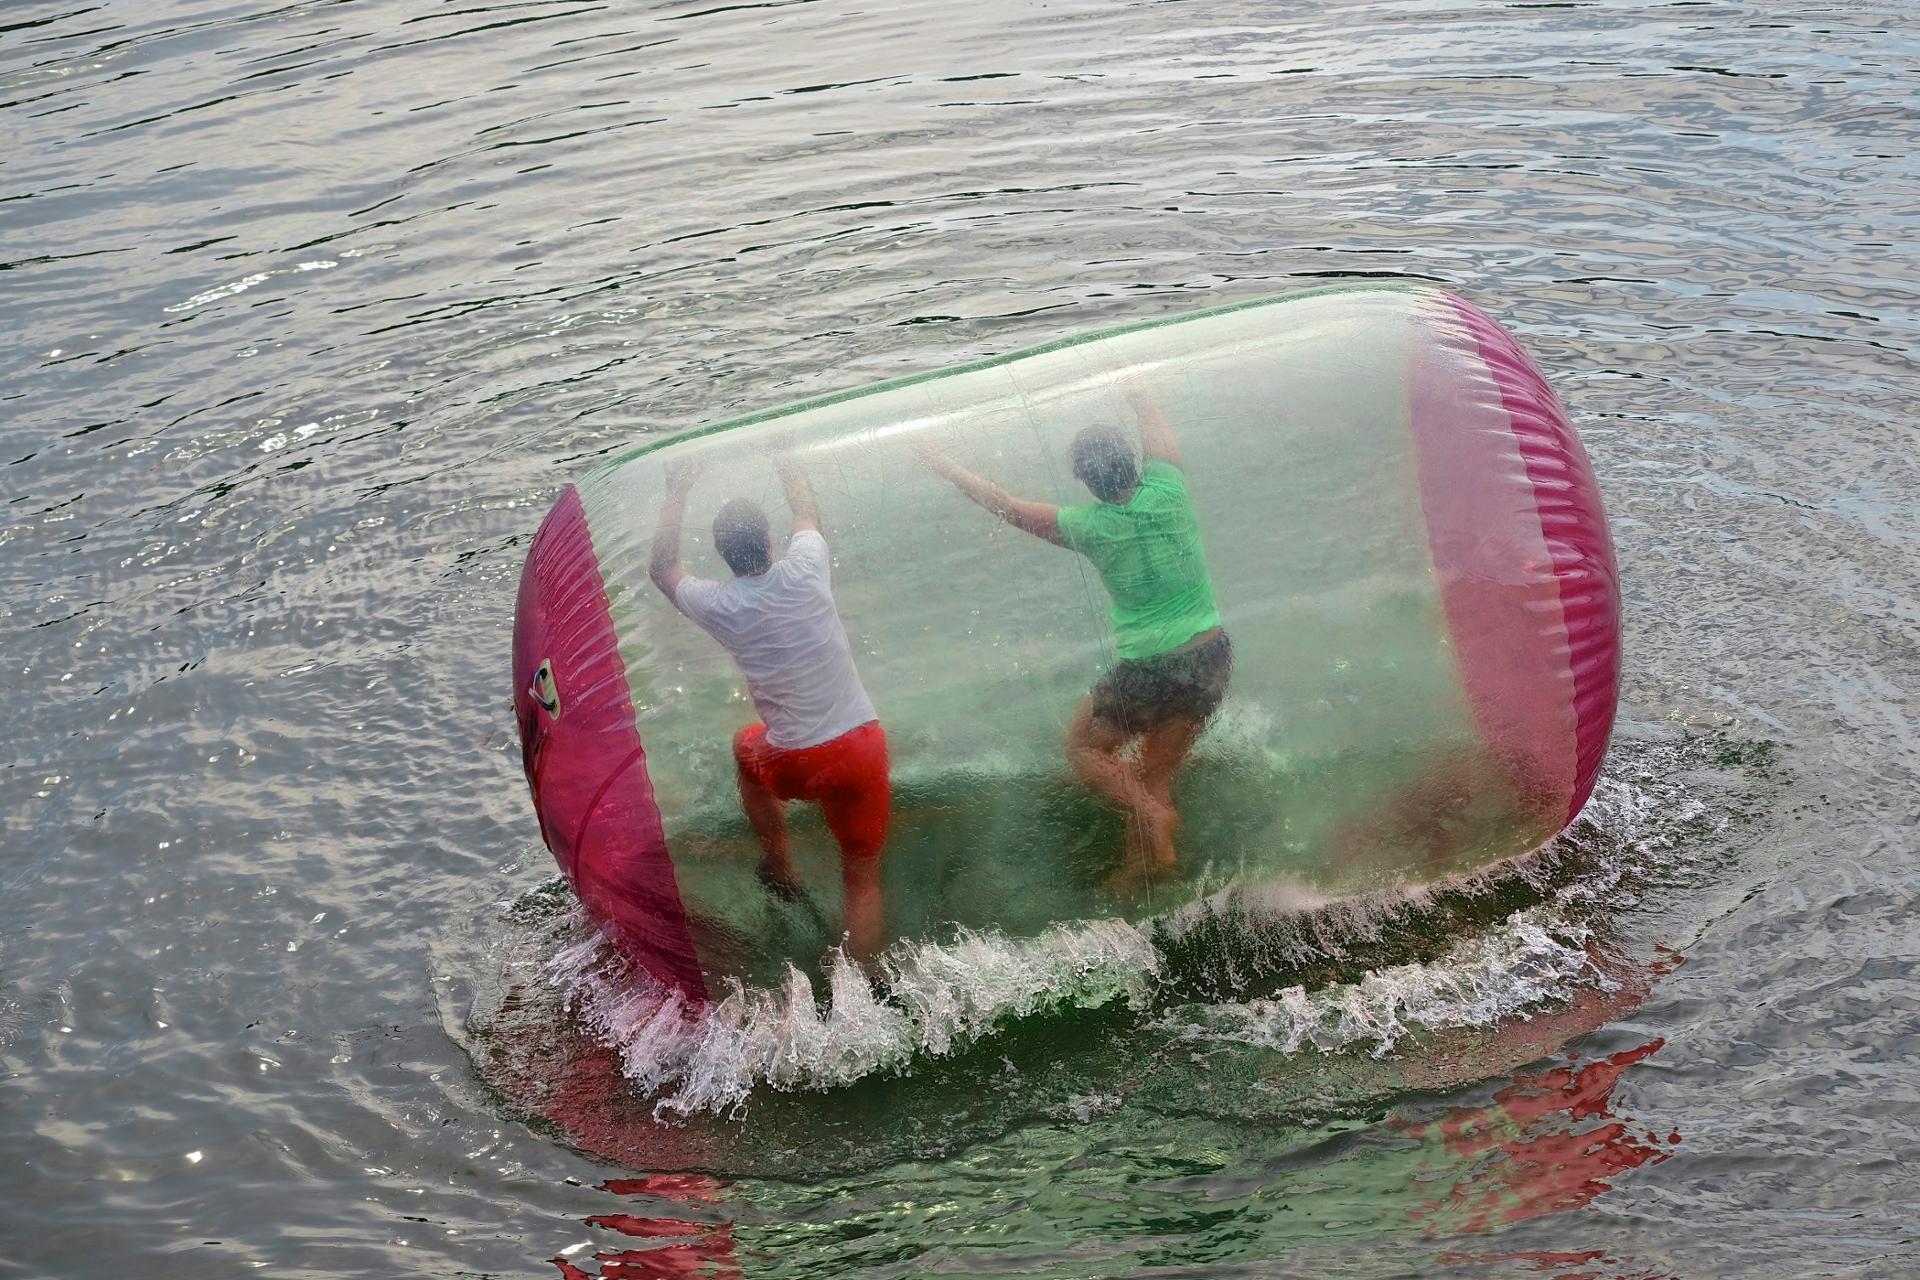 Divertissement aquatique!